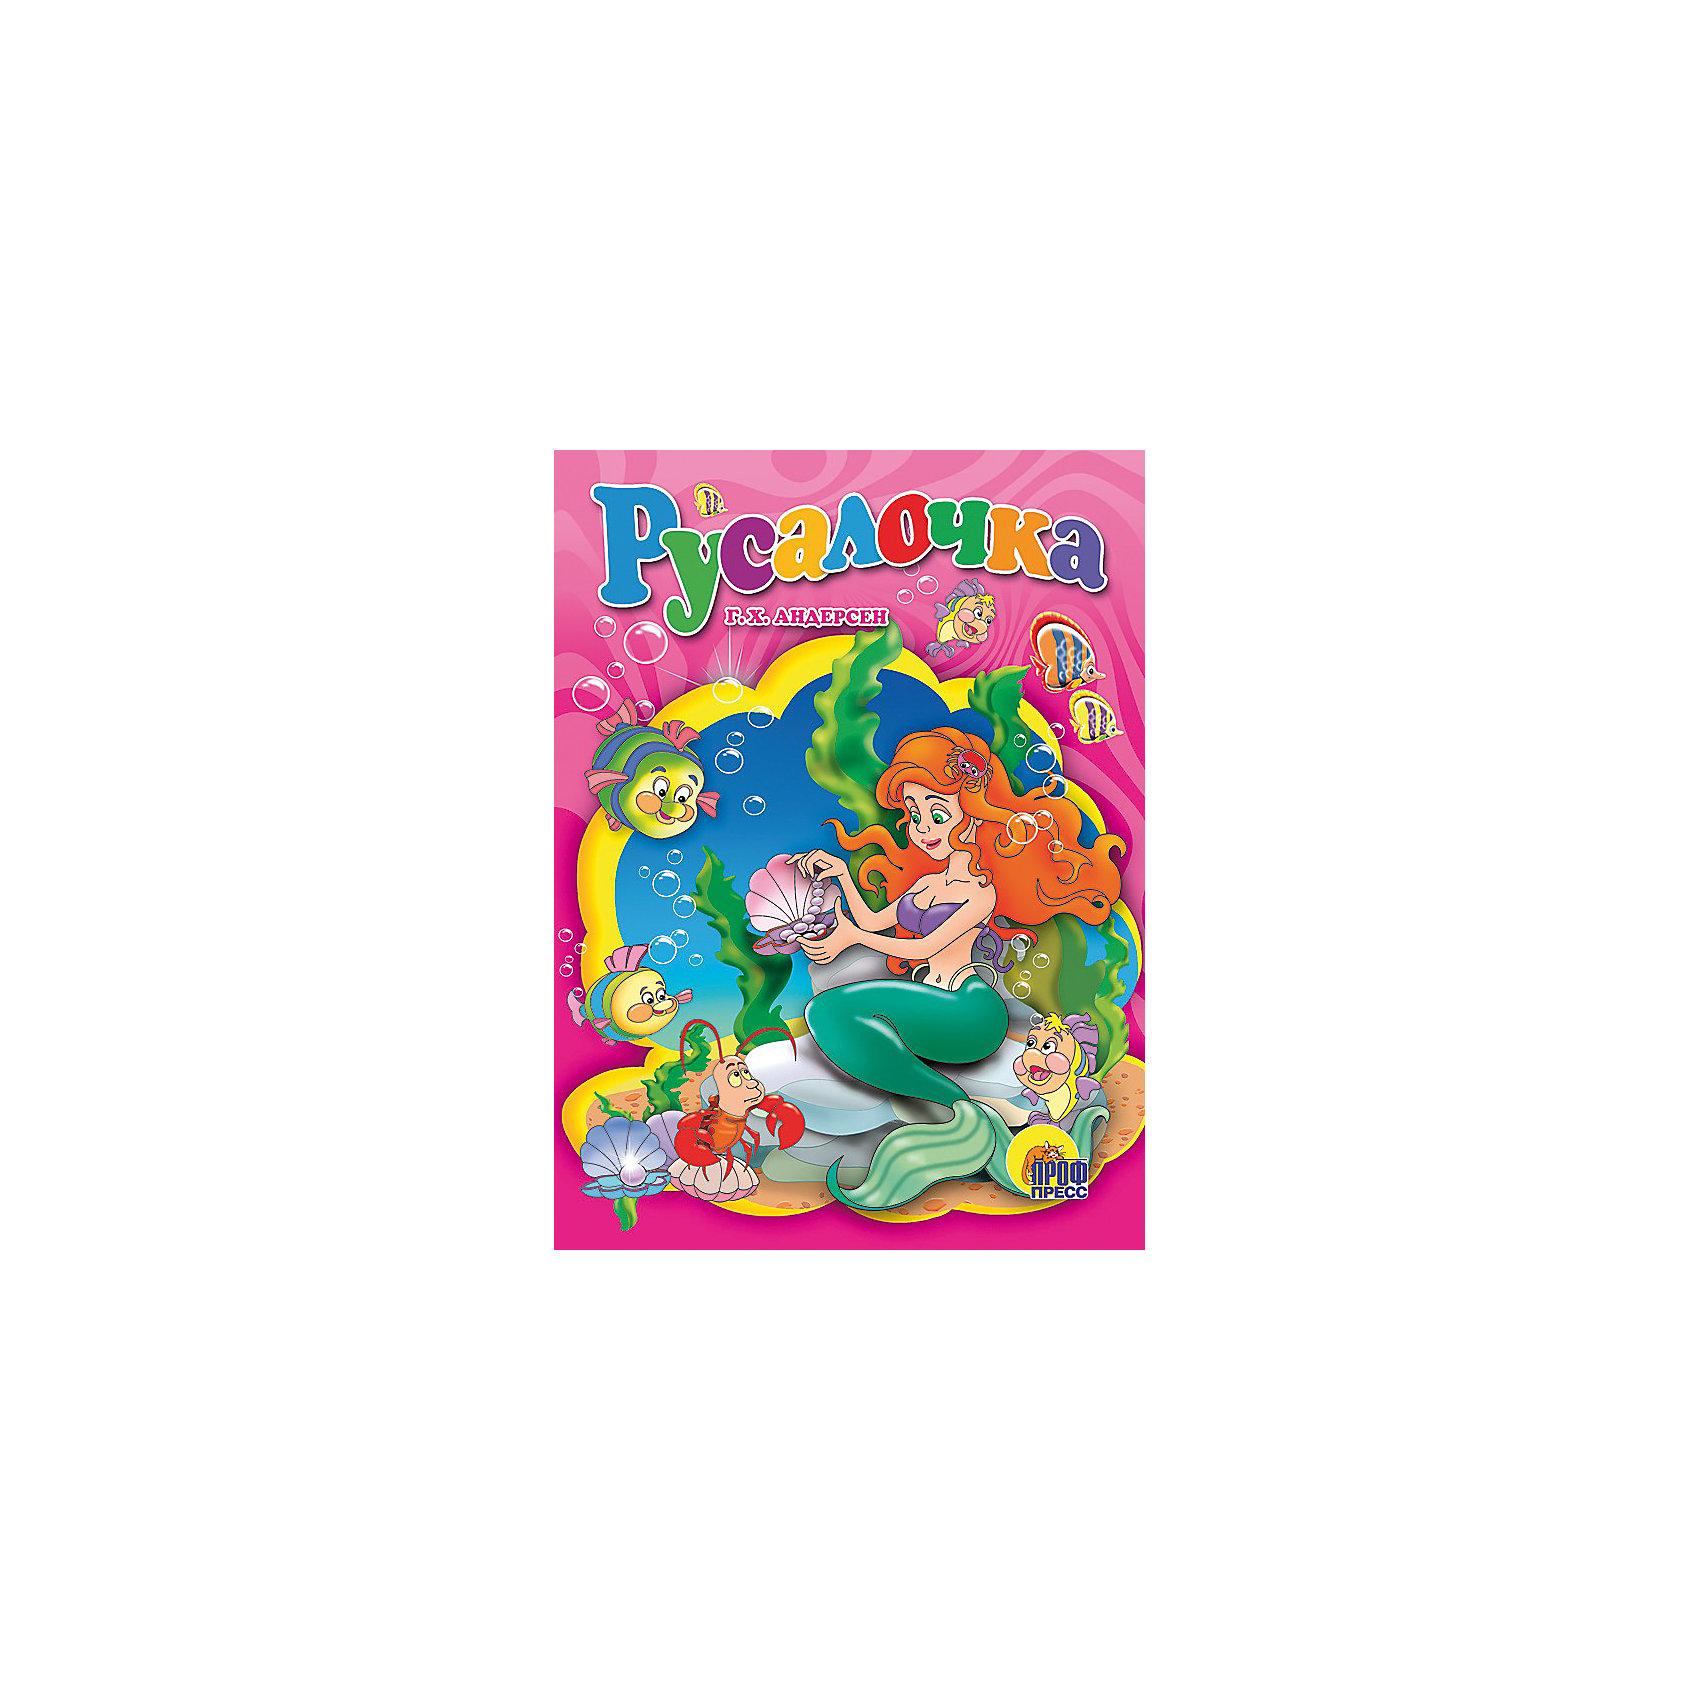 Русалочка, Г. Х. АндерсенИзвестная нам с детства сказка Русалочка понравится и будет с каждым разом запоминаться вашему малышу, ведь книга с яркими, красочными иллюстрациями не оставит равнодушным. Книжка с плотными картонными страницами. Обложка украшена глитером (блестками). Материал: страницы и обложка изготовлена из гибкого картона. Книга содержит 12 стр.<br><br>Ширина мм: 160<br>Глубина мм: 7<br>Высота мм: 220<br>Вес г: 148<br>Возраст от месяцев: 12<br>Возраст до месяцев: 60<br>Пол: Женский<br>Возраст: Детский<br>SKU: 2499715